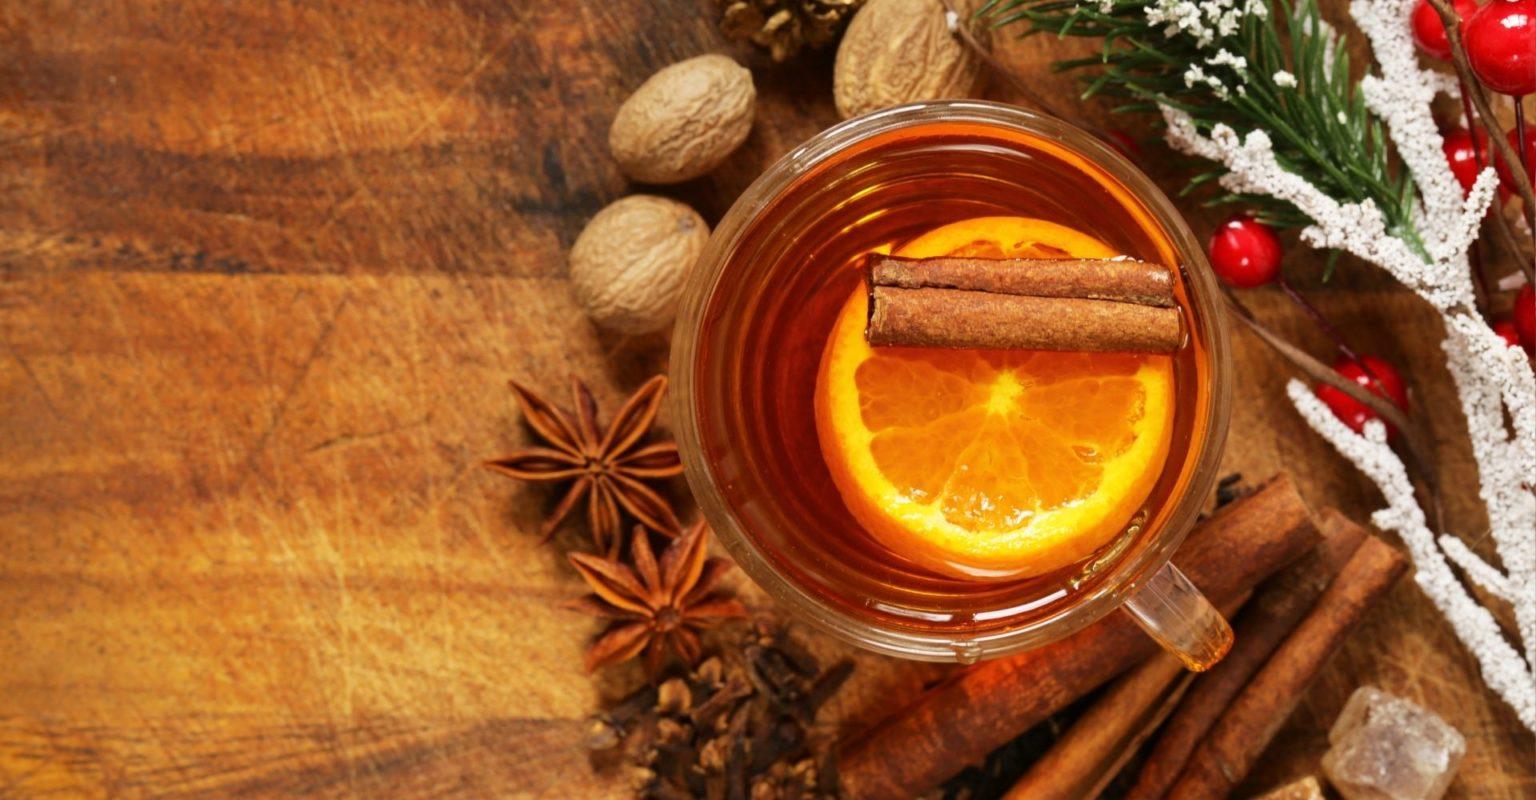 Pyszna zimowa herbata - przepis